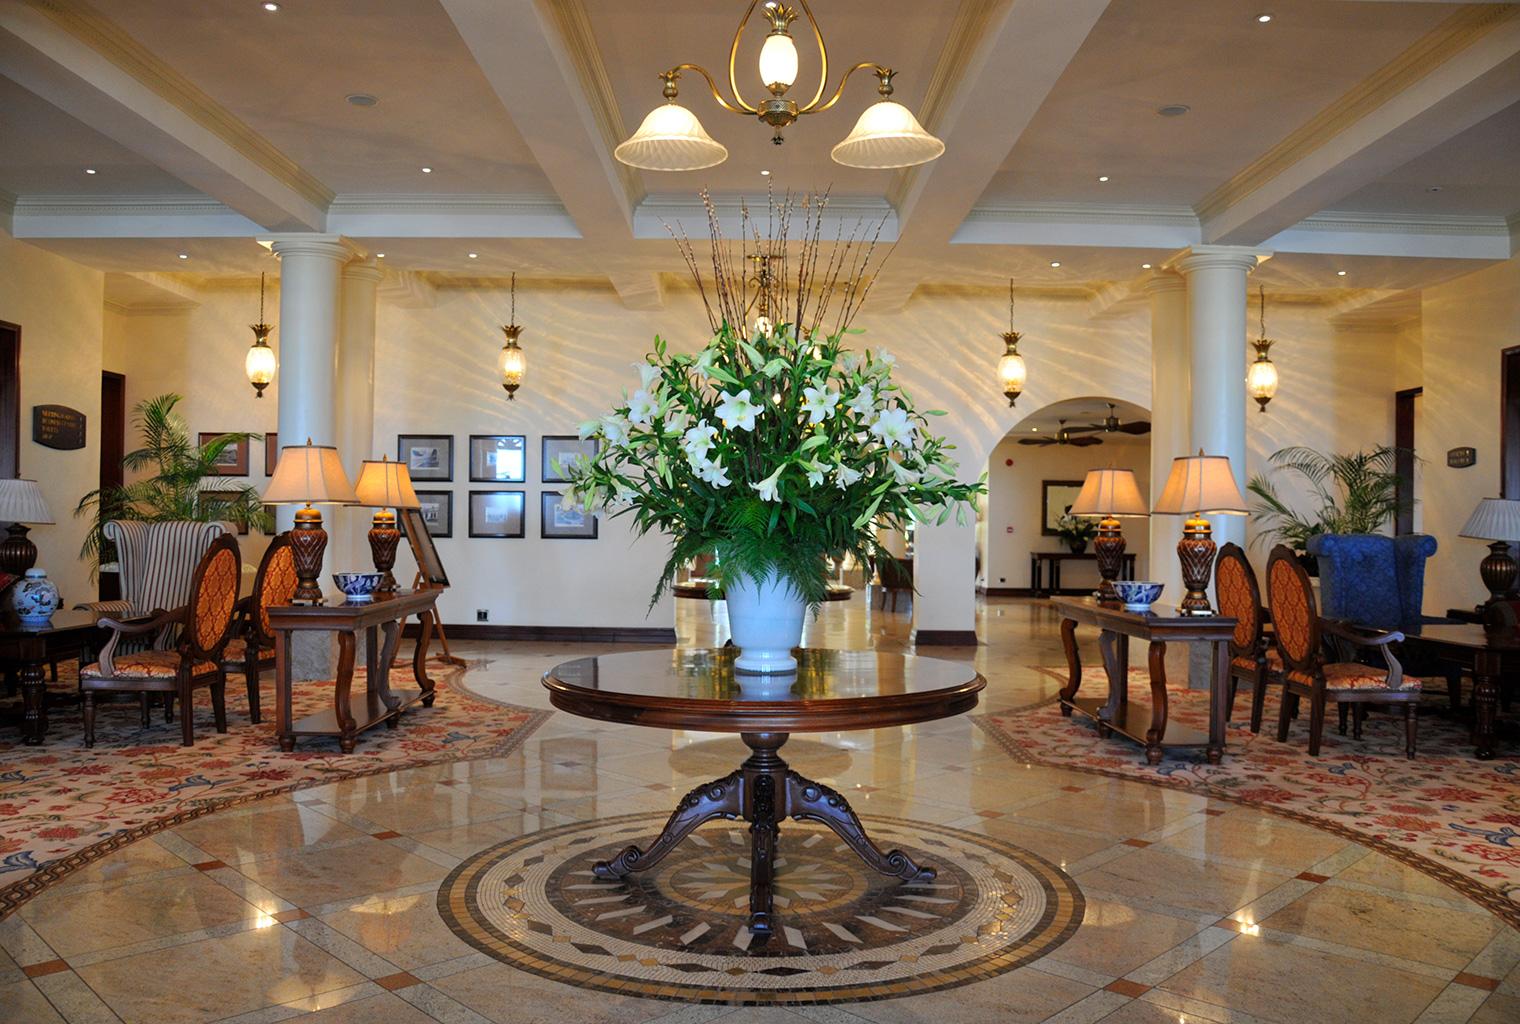 Polana-Serena-Hotel-Mozambique-Lobby